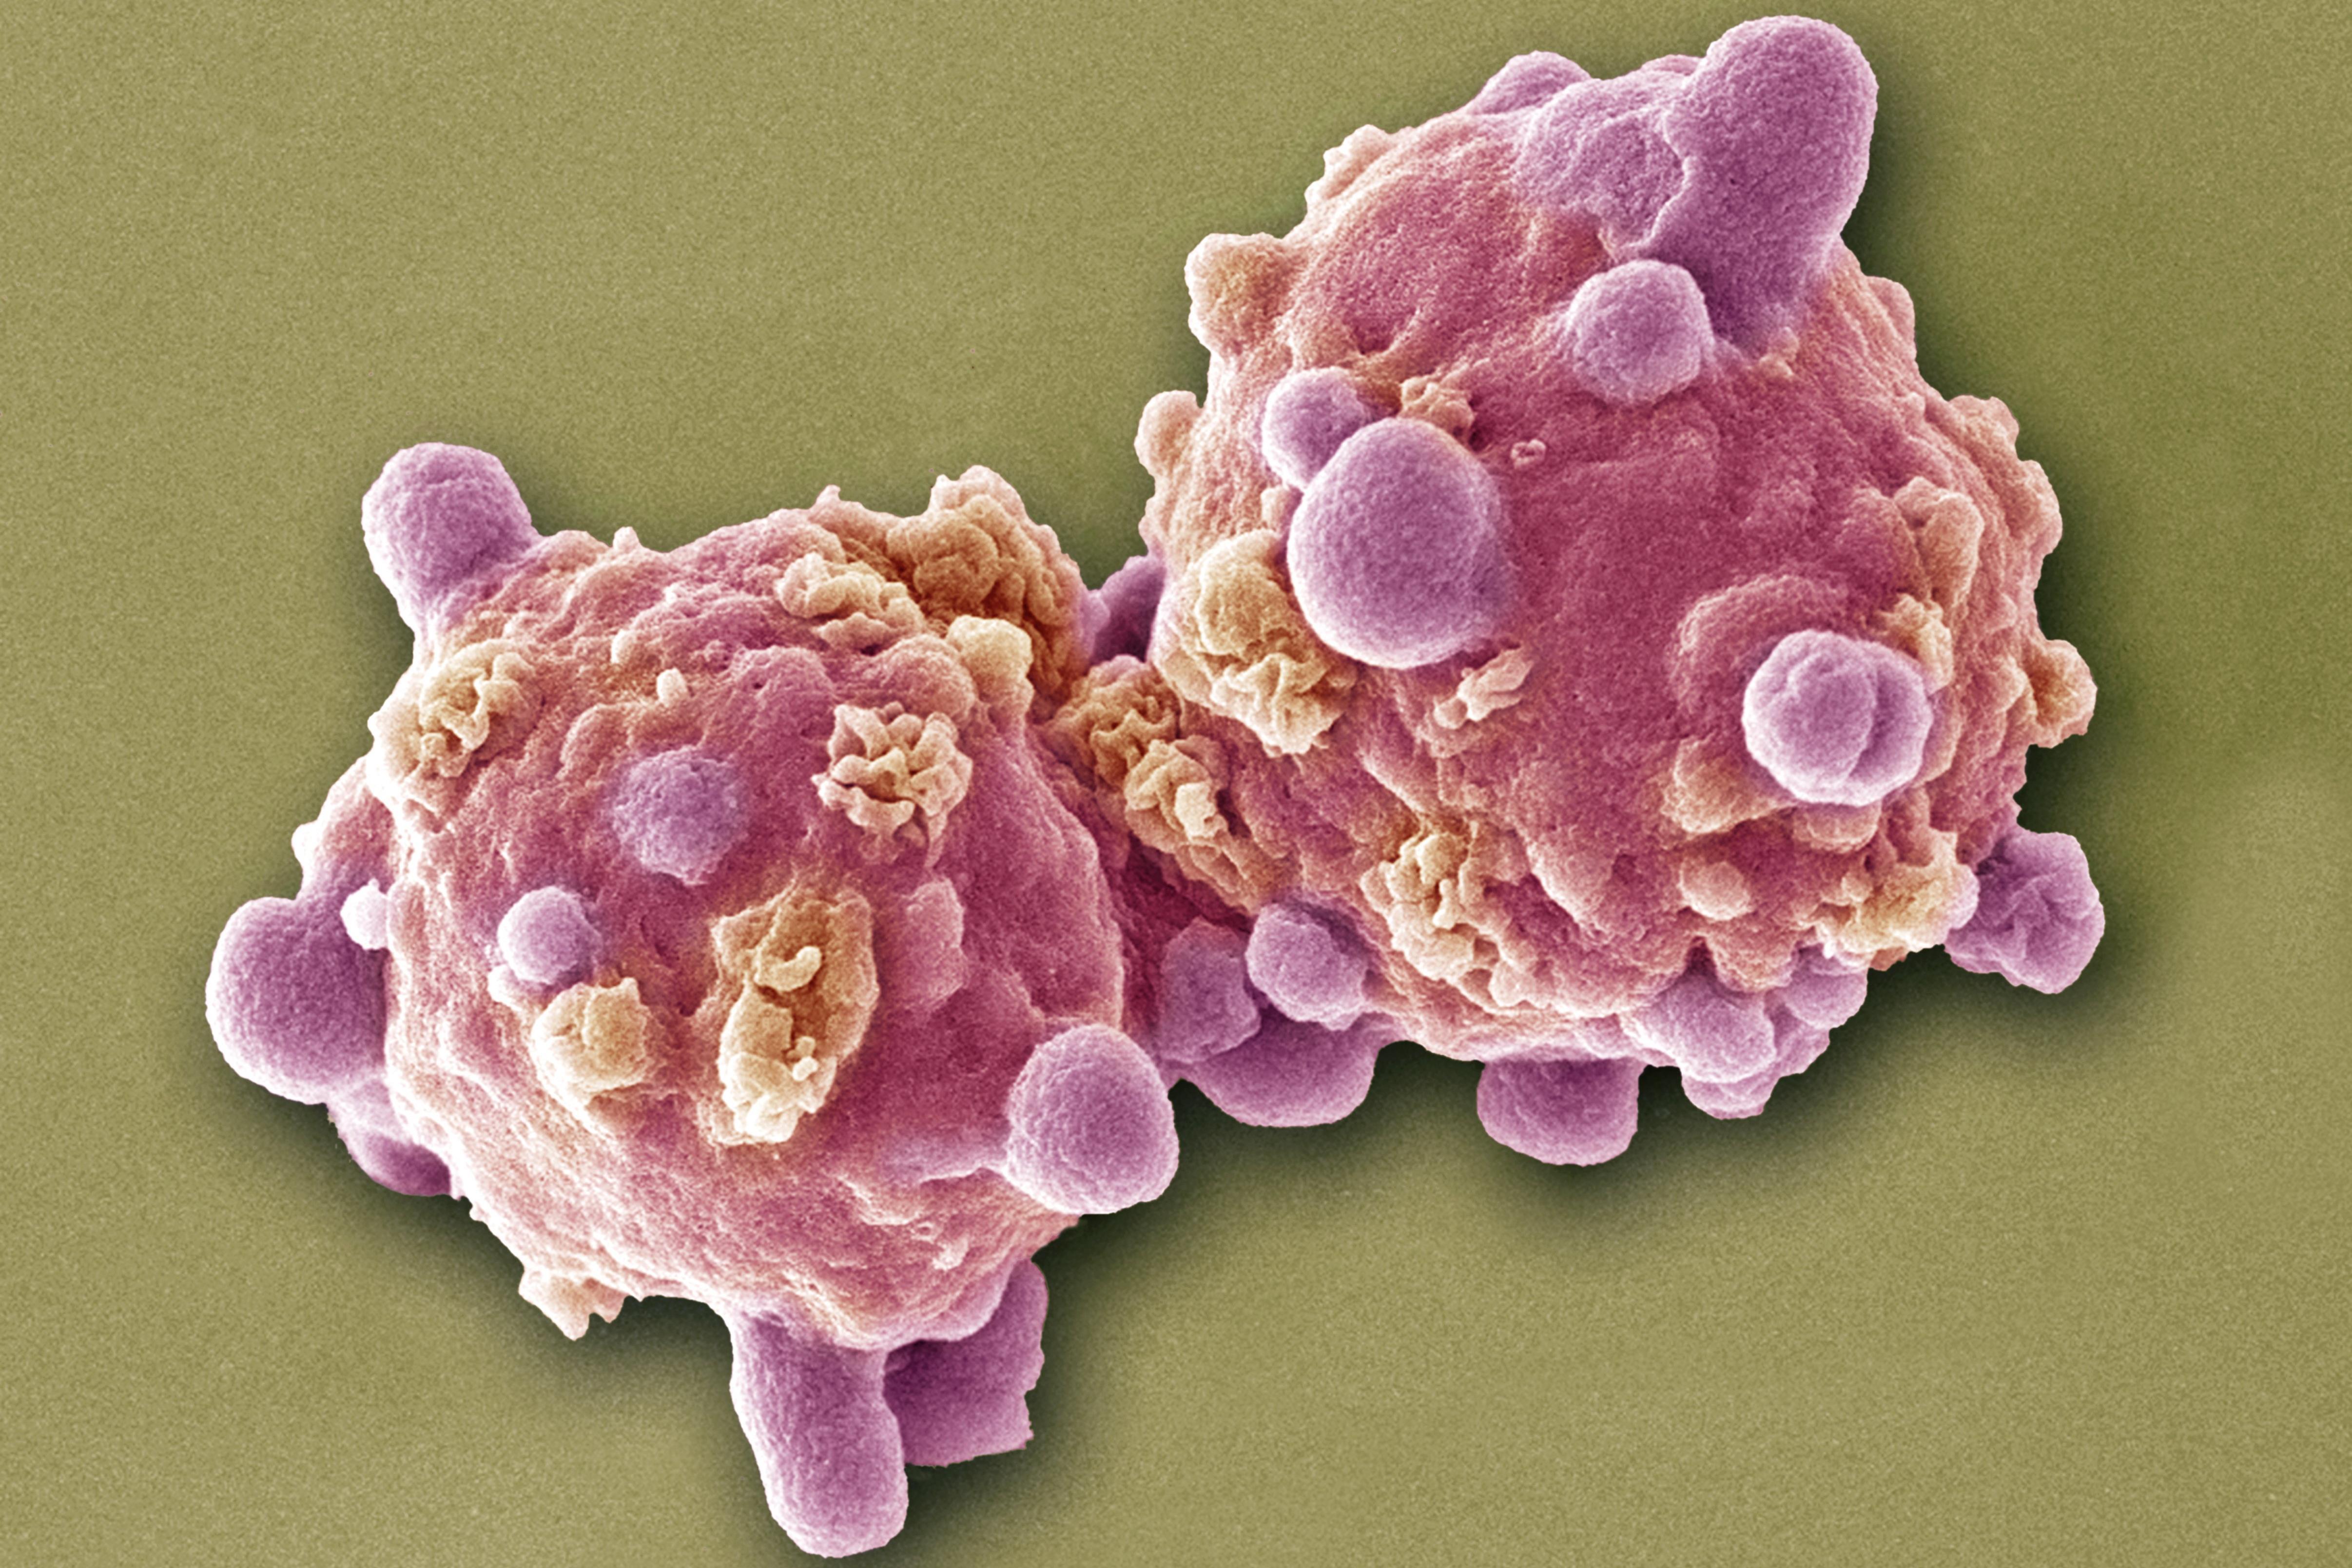 Intochicus parazita gyógyszeres kezelés